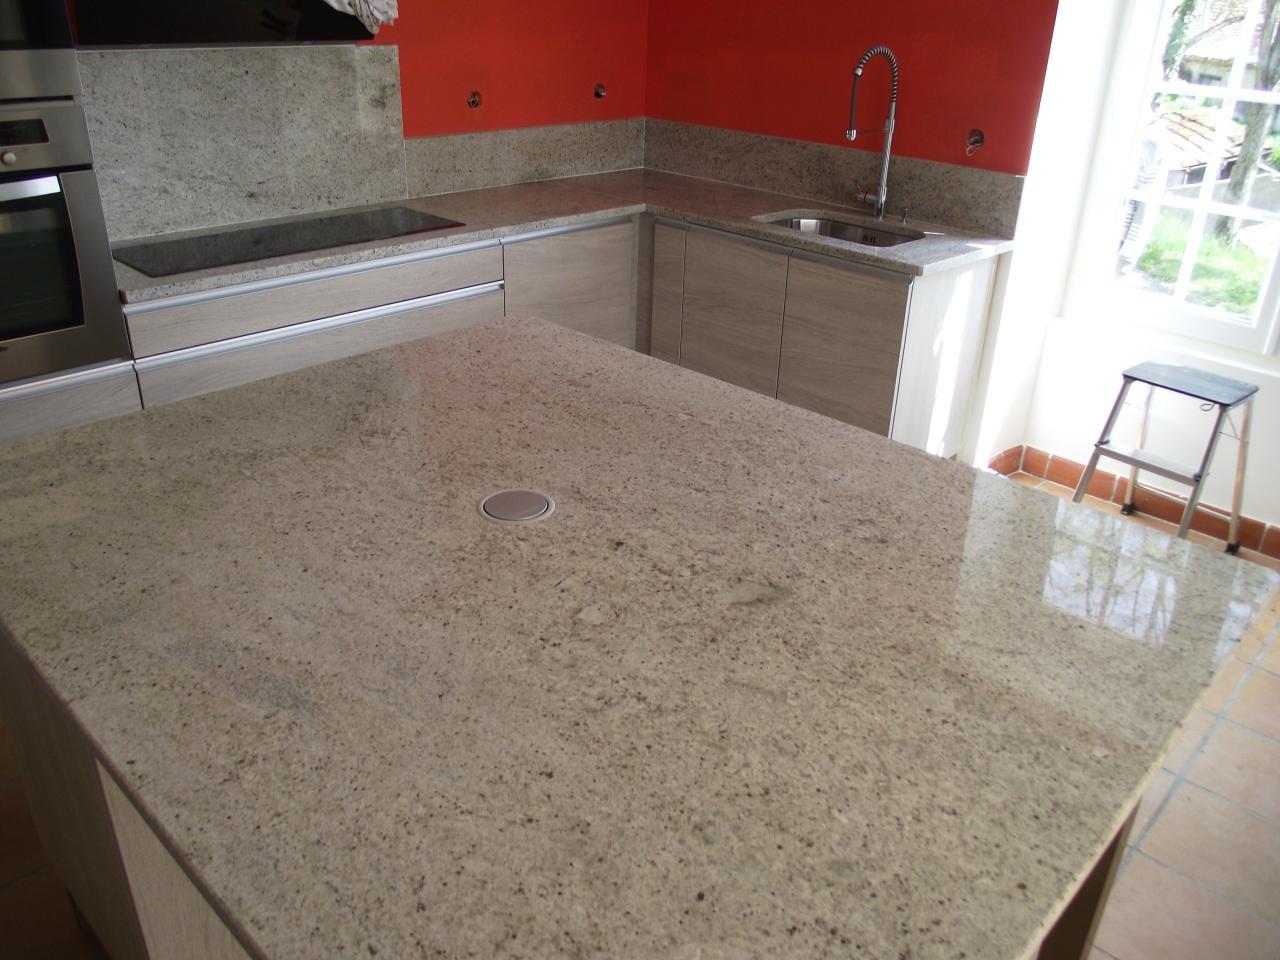 plan de cuisine granit ou marbre maison et mobilier. Black Bedroom Furniture Sets. Home Design Ideas